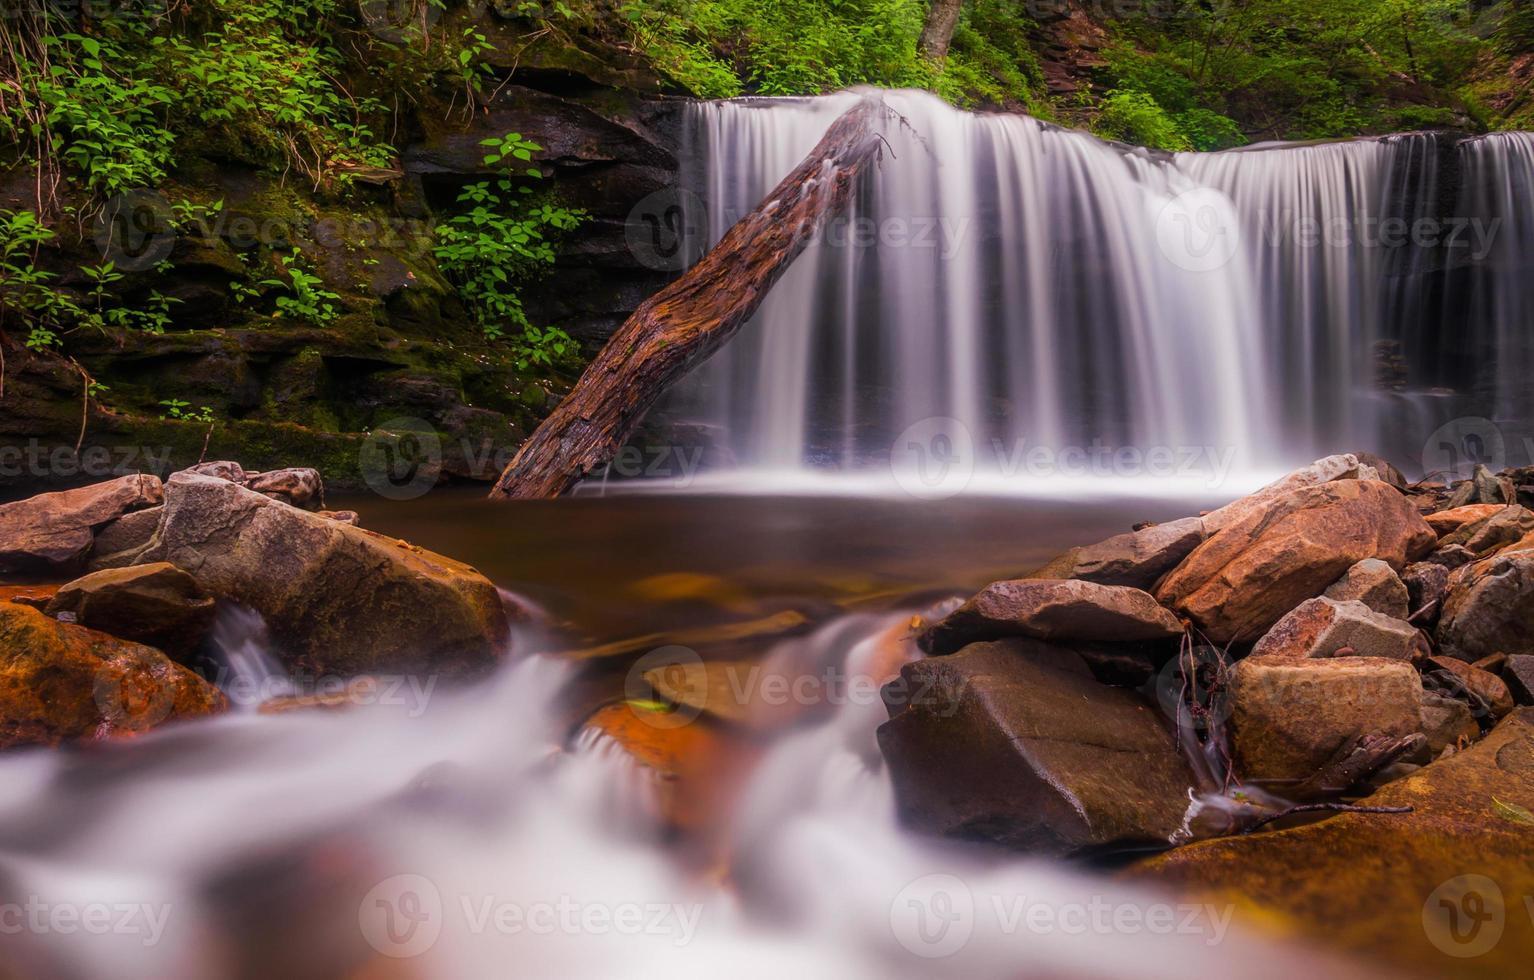 Wunderschöner Wasserfall im Rickett's Glen State Park, Pennsylvania. foto